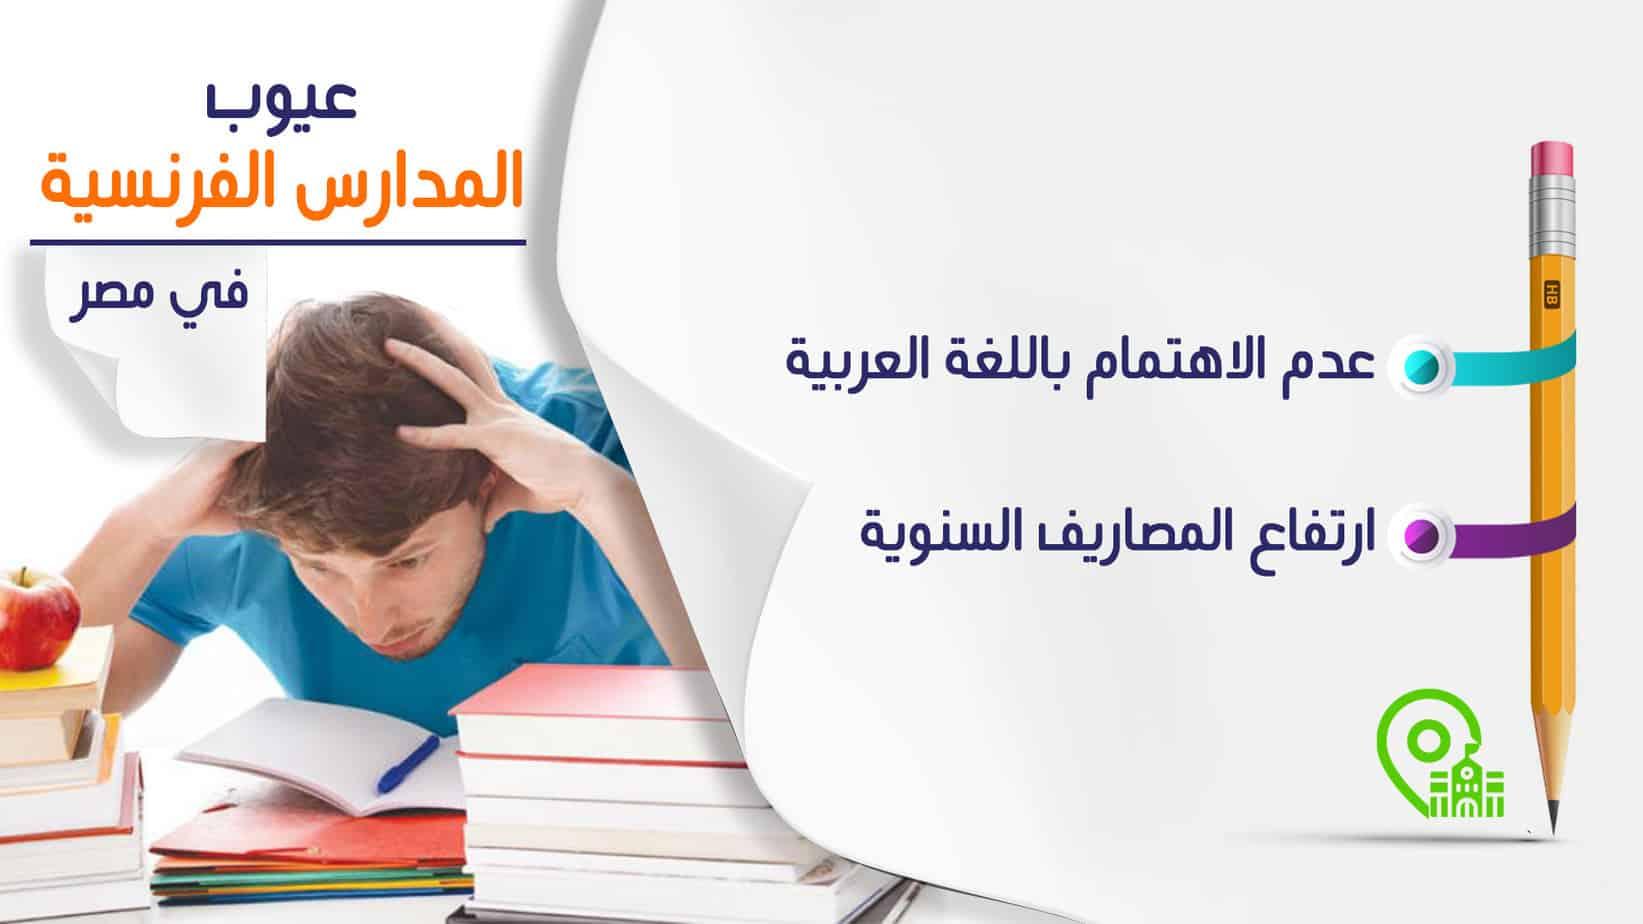 عيوب المدارس الفرنسية في مصر